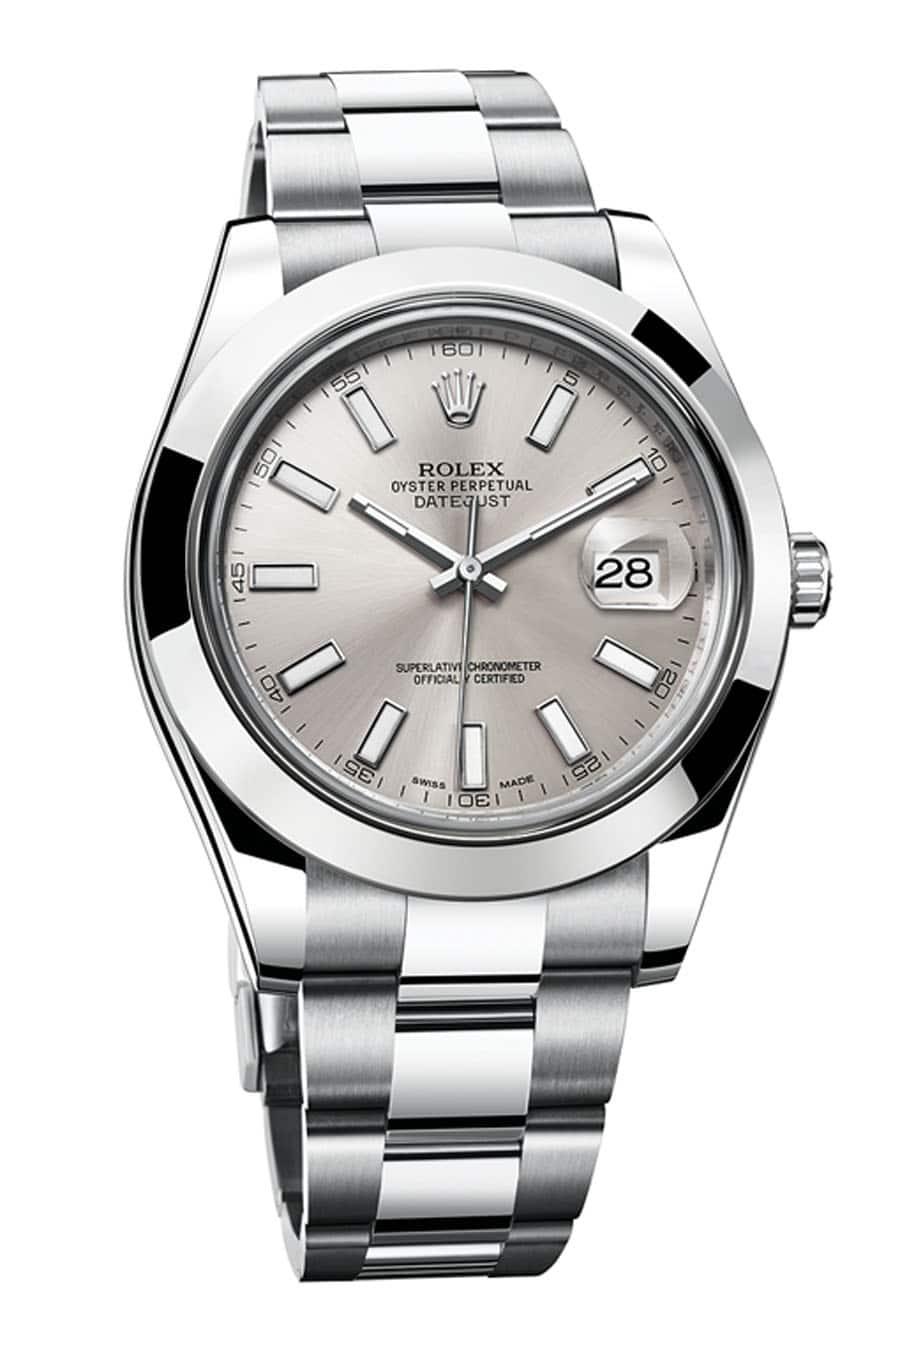 Die Rolex Oyster Perpetual Datejust II besitzt ein Datum mit Lupe, Preis: 6.500 Euro